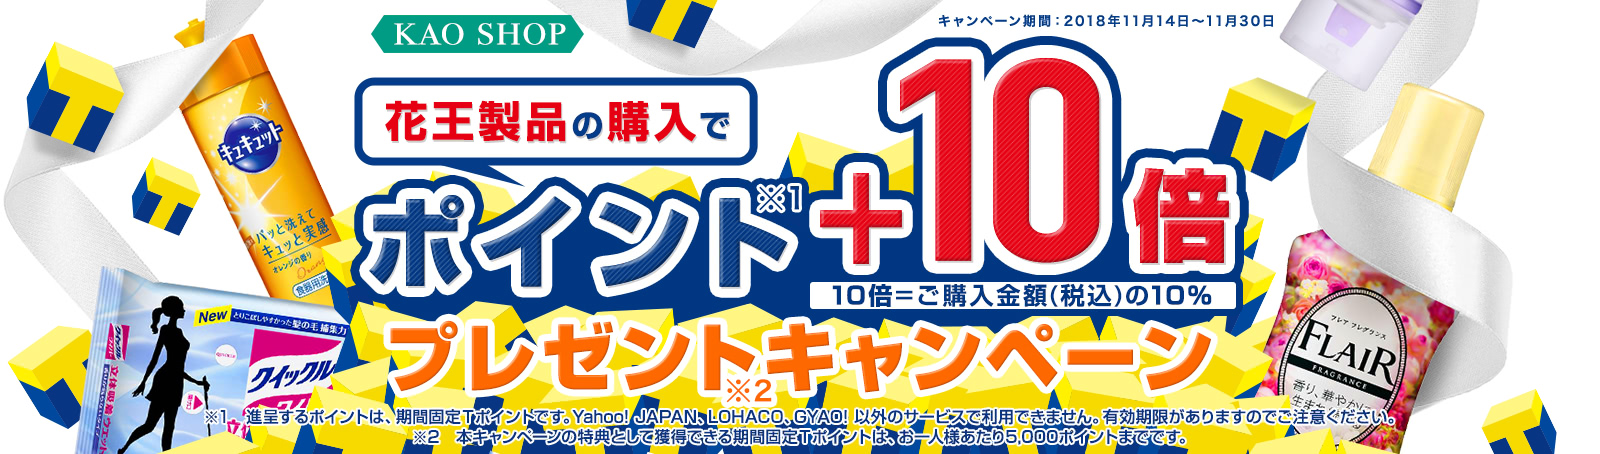 花王製品の購入でポイント+10倍プレゼントキャンペーン キャンペーン期間:2018年11月14日~11月30日